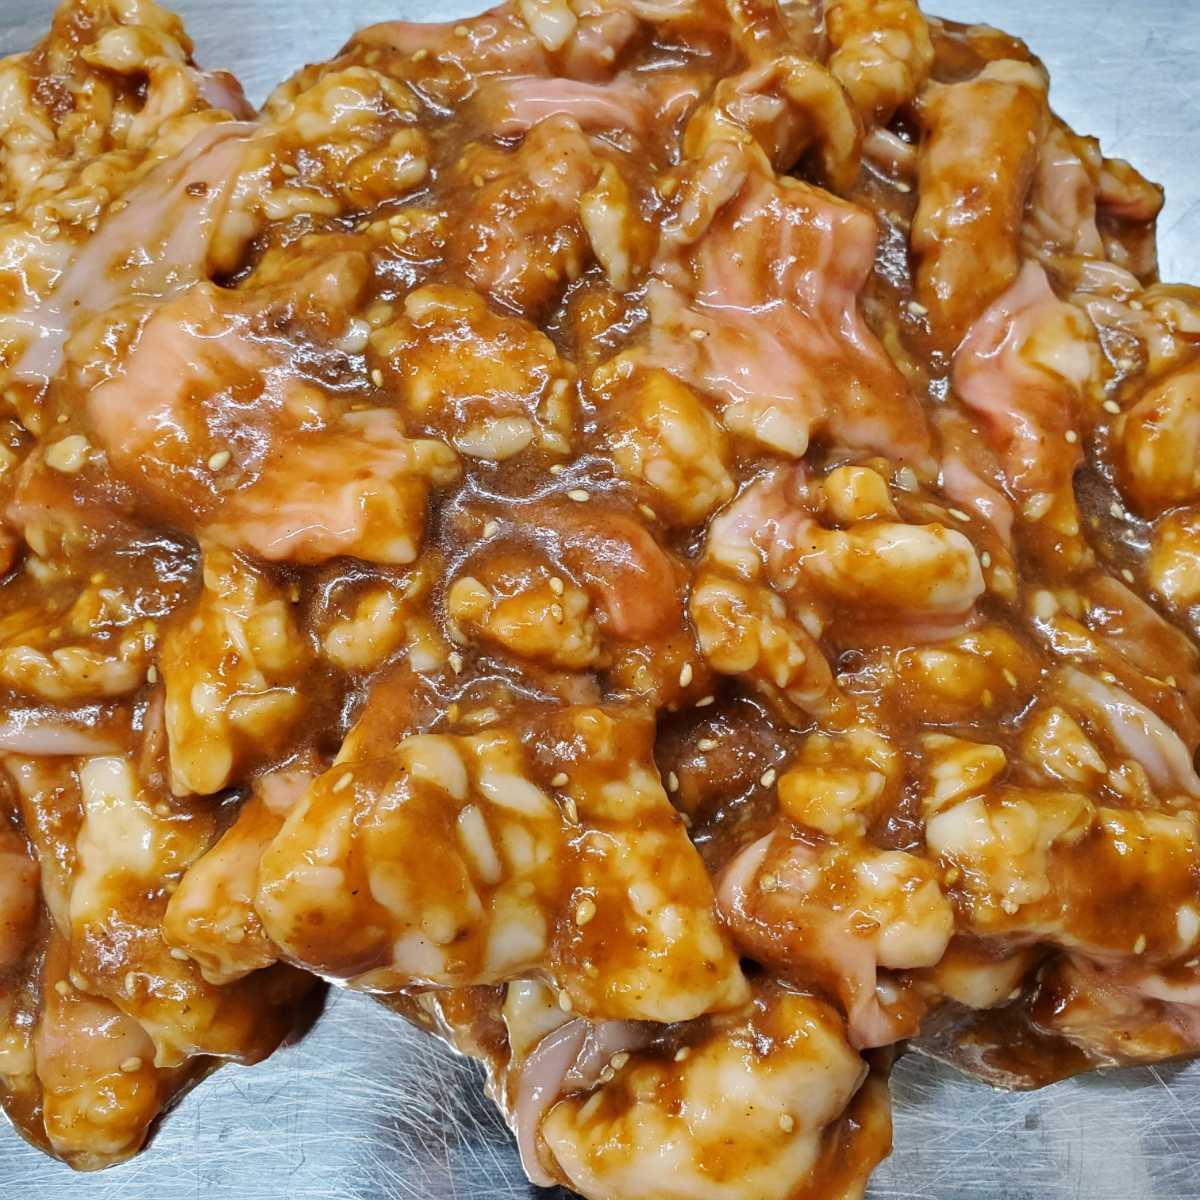 国産和牛ホルモン 小腸 味付け焼肉用 900g 新鮮! ぷりぷり! 旨味たっぷり! 【牛ホルモン】 焼肉_画像2